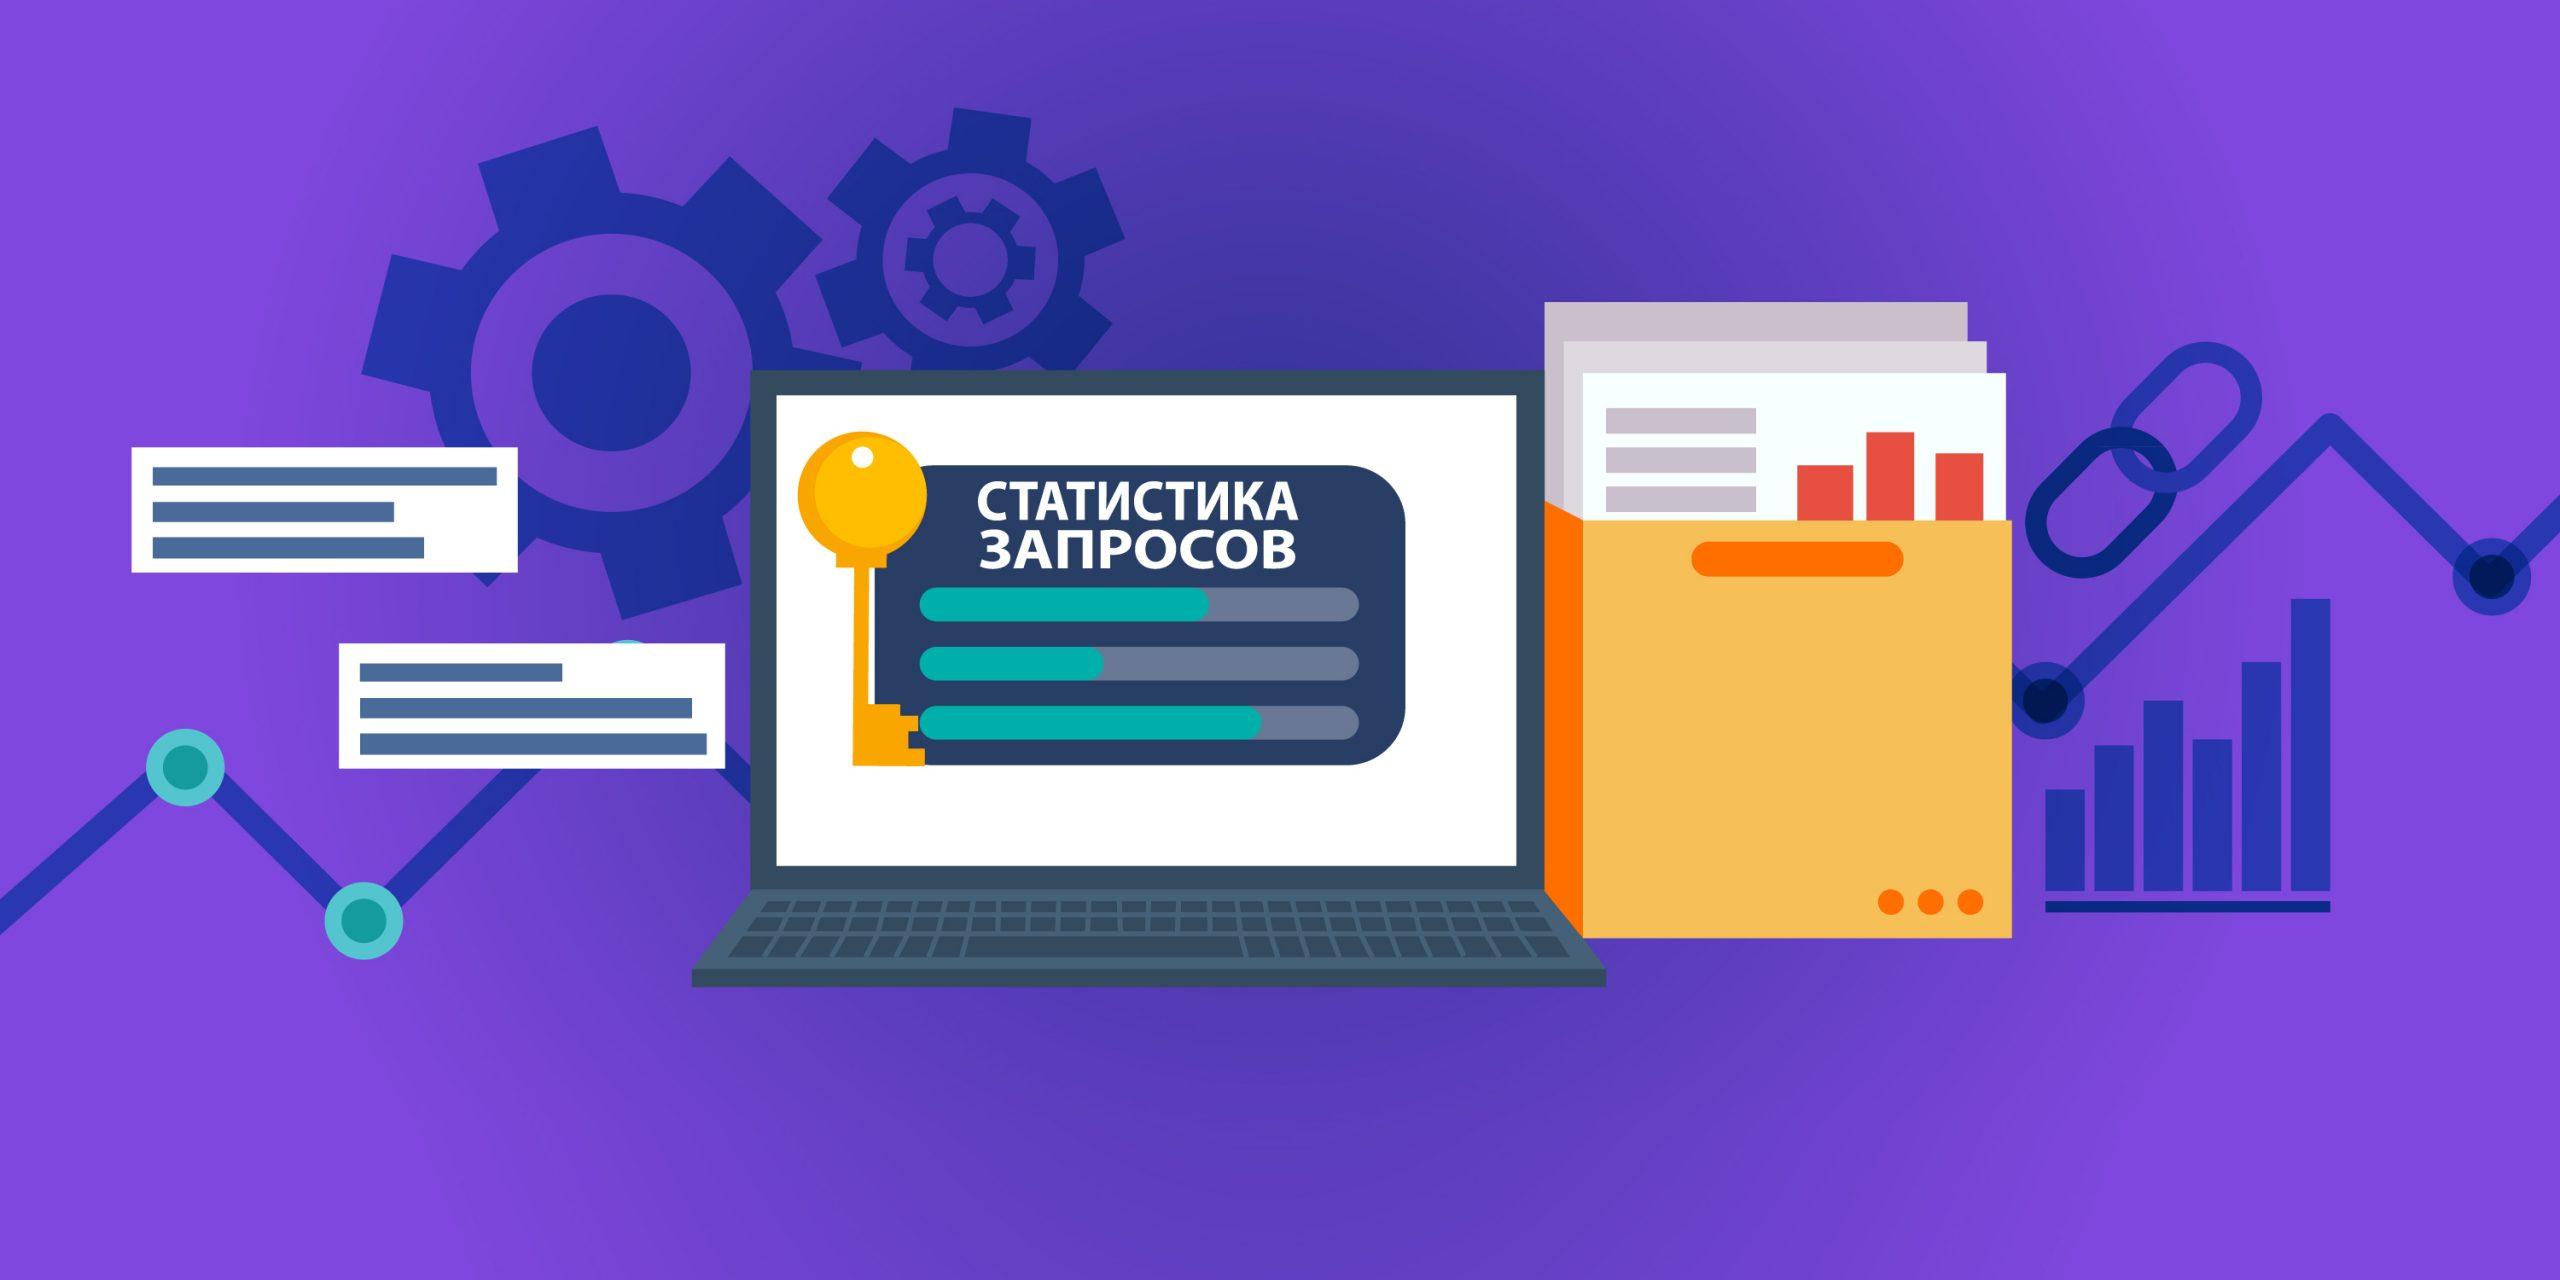 Статистика запросов в Яндекс и Google